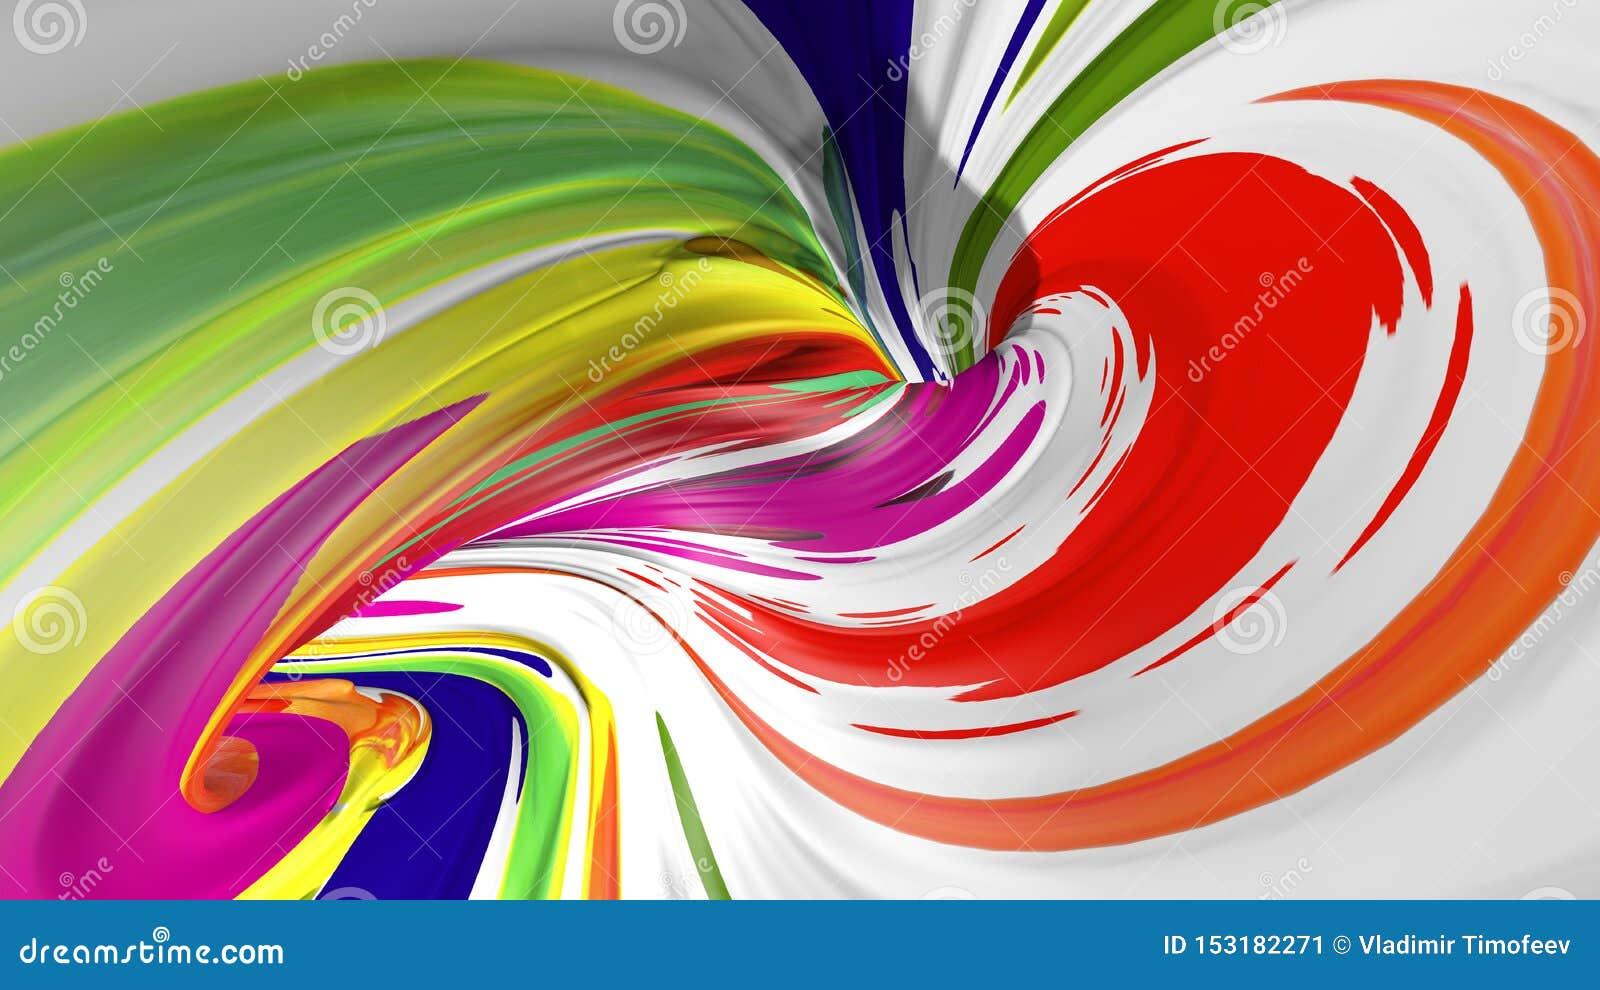 Realistischer Anschlag der B?rste 3d Abstrakter digitaler Farbfarbenhintergrund Moderner bunter Fluss Kreative klare Flüssigkeit